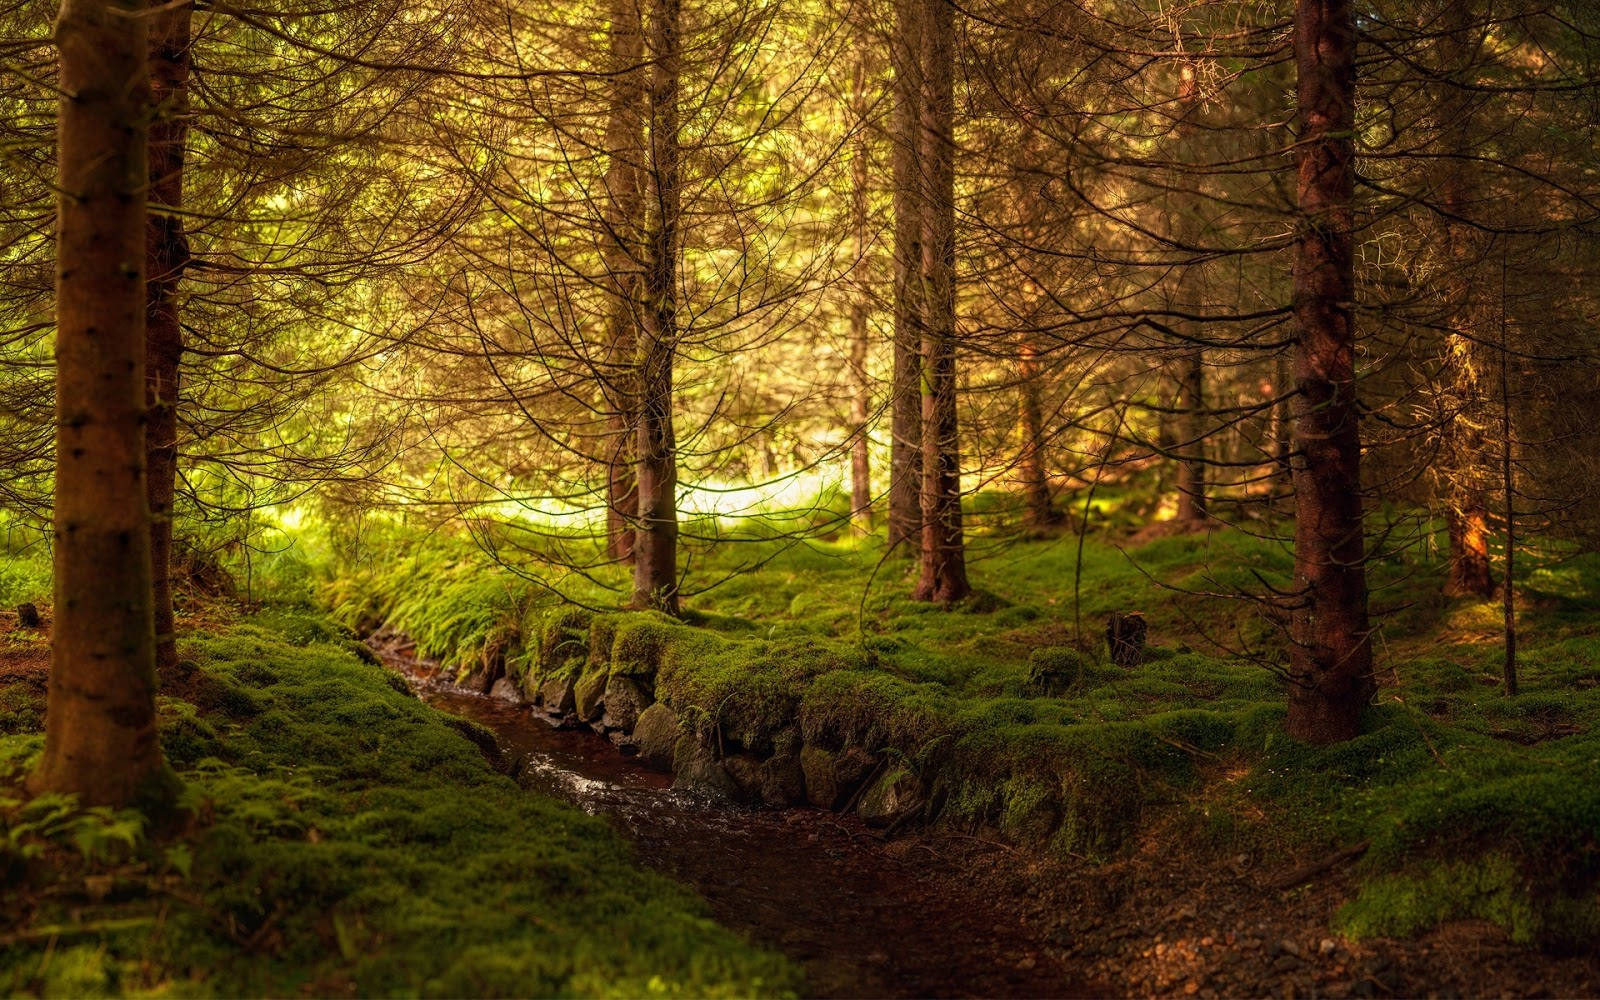 Een prachtige hd foto met een bos met een beekje en veel groene mos